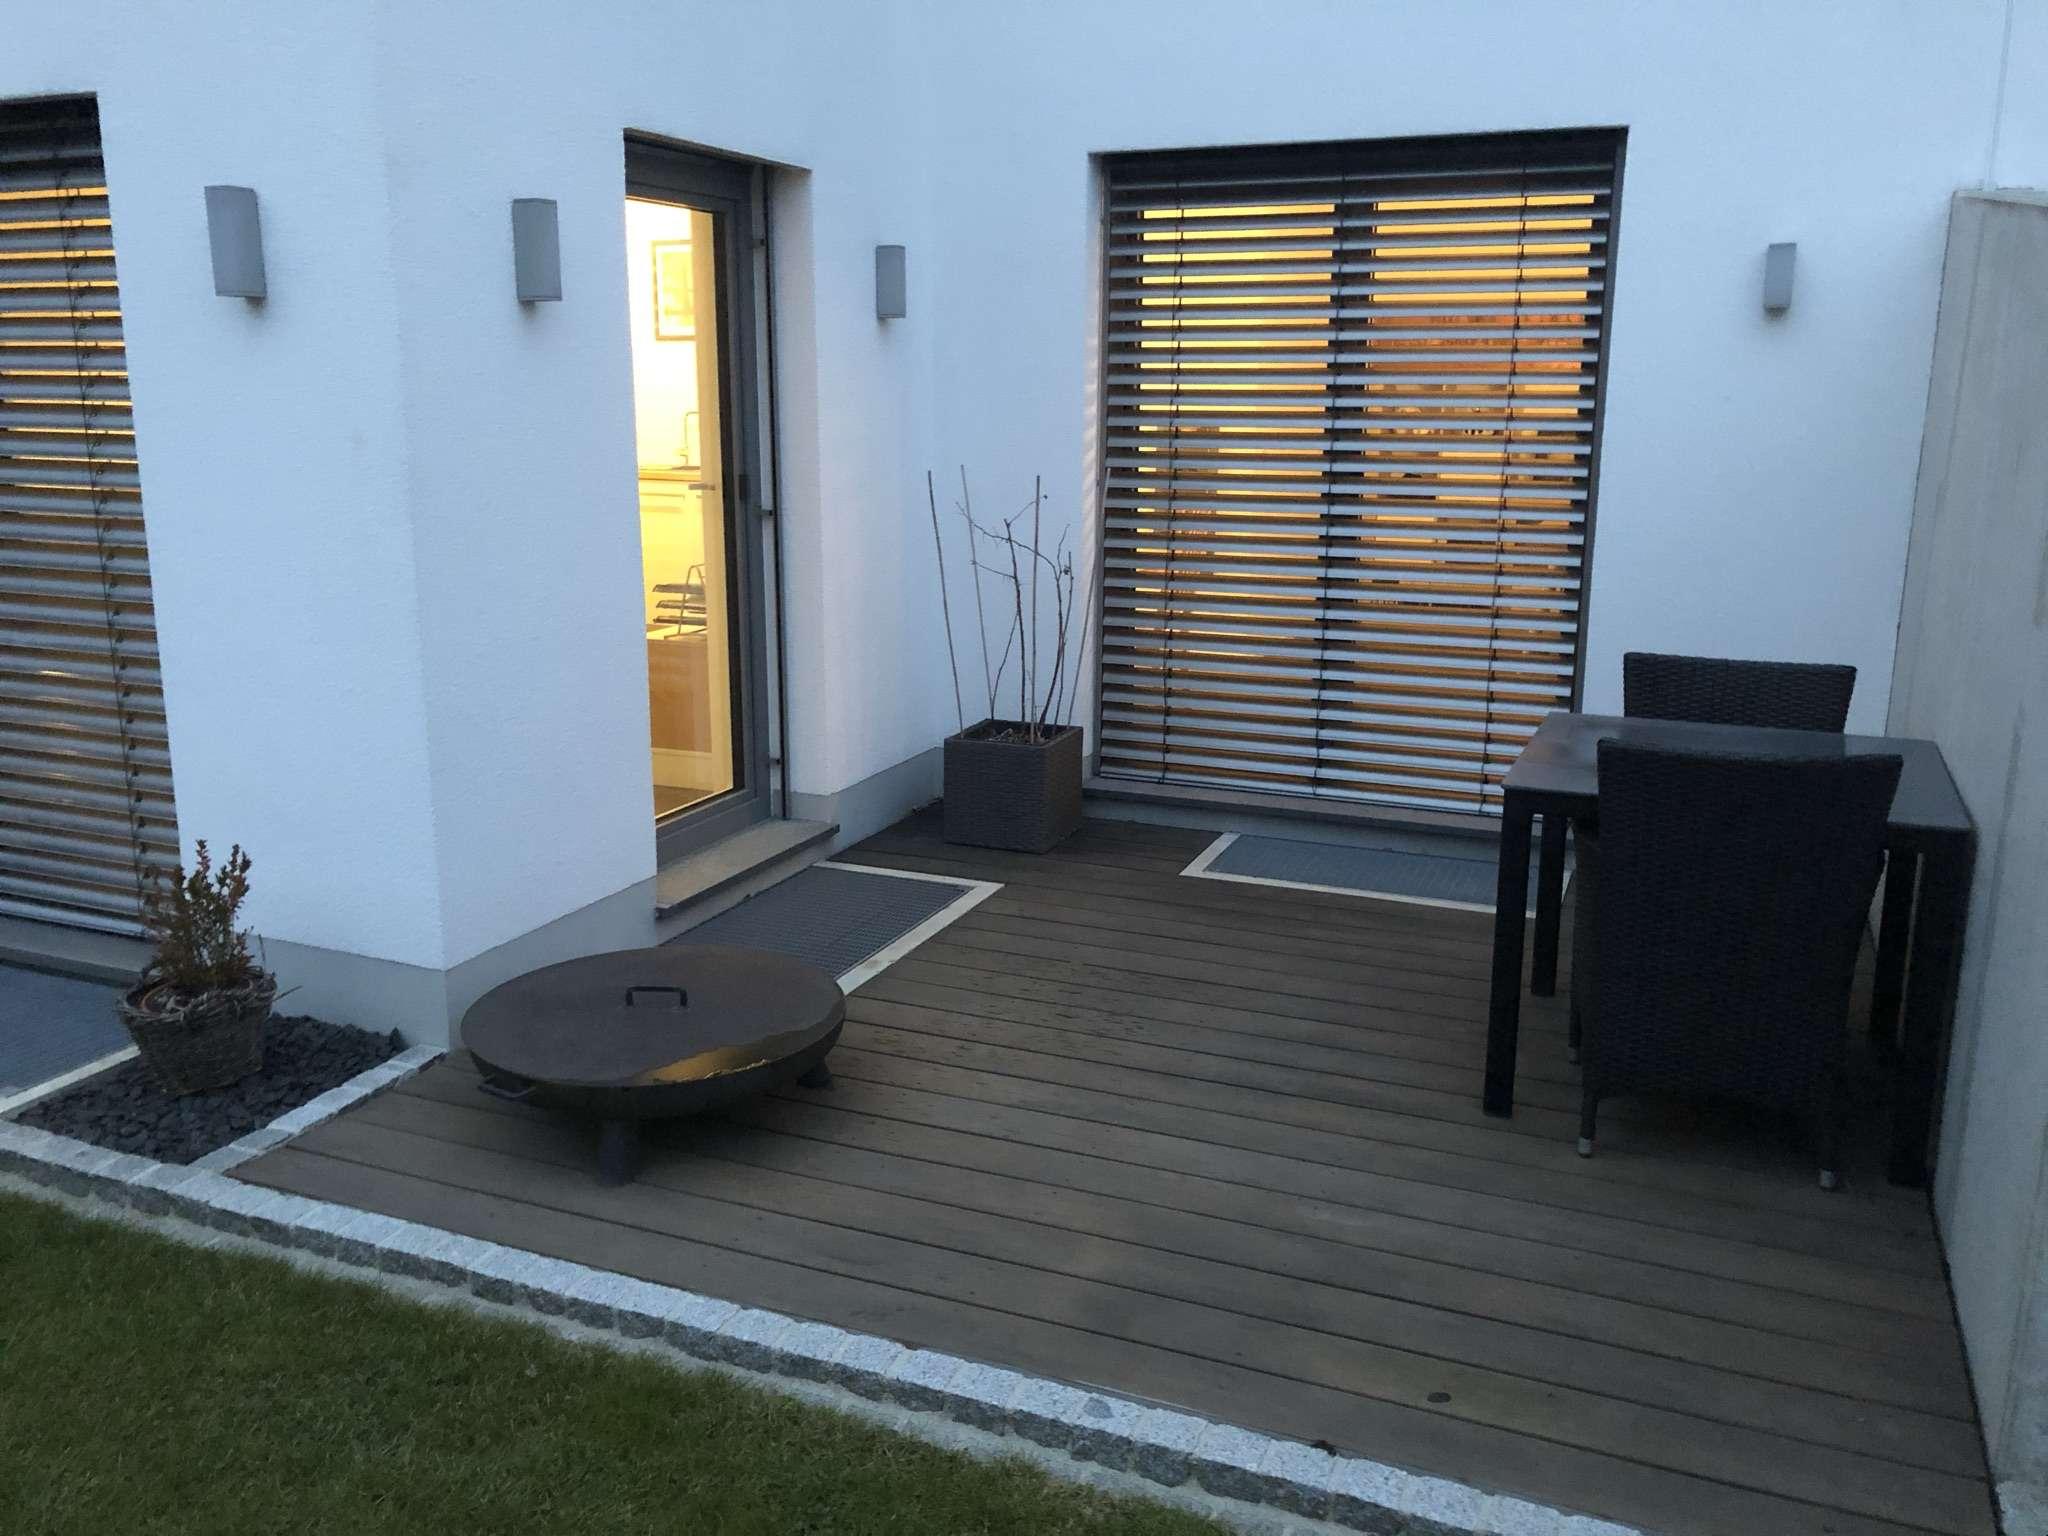 Wochenendheimfahrer aufgepasst! 1 Zi Single Apartment + EBK + Terrasse in